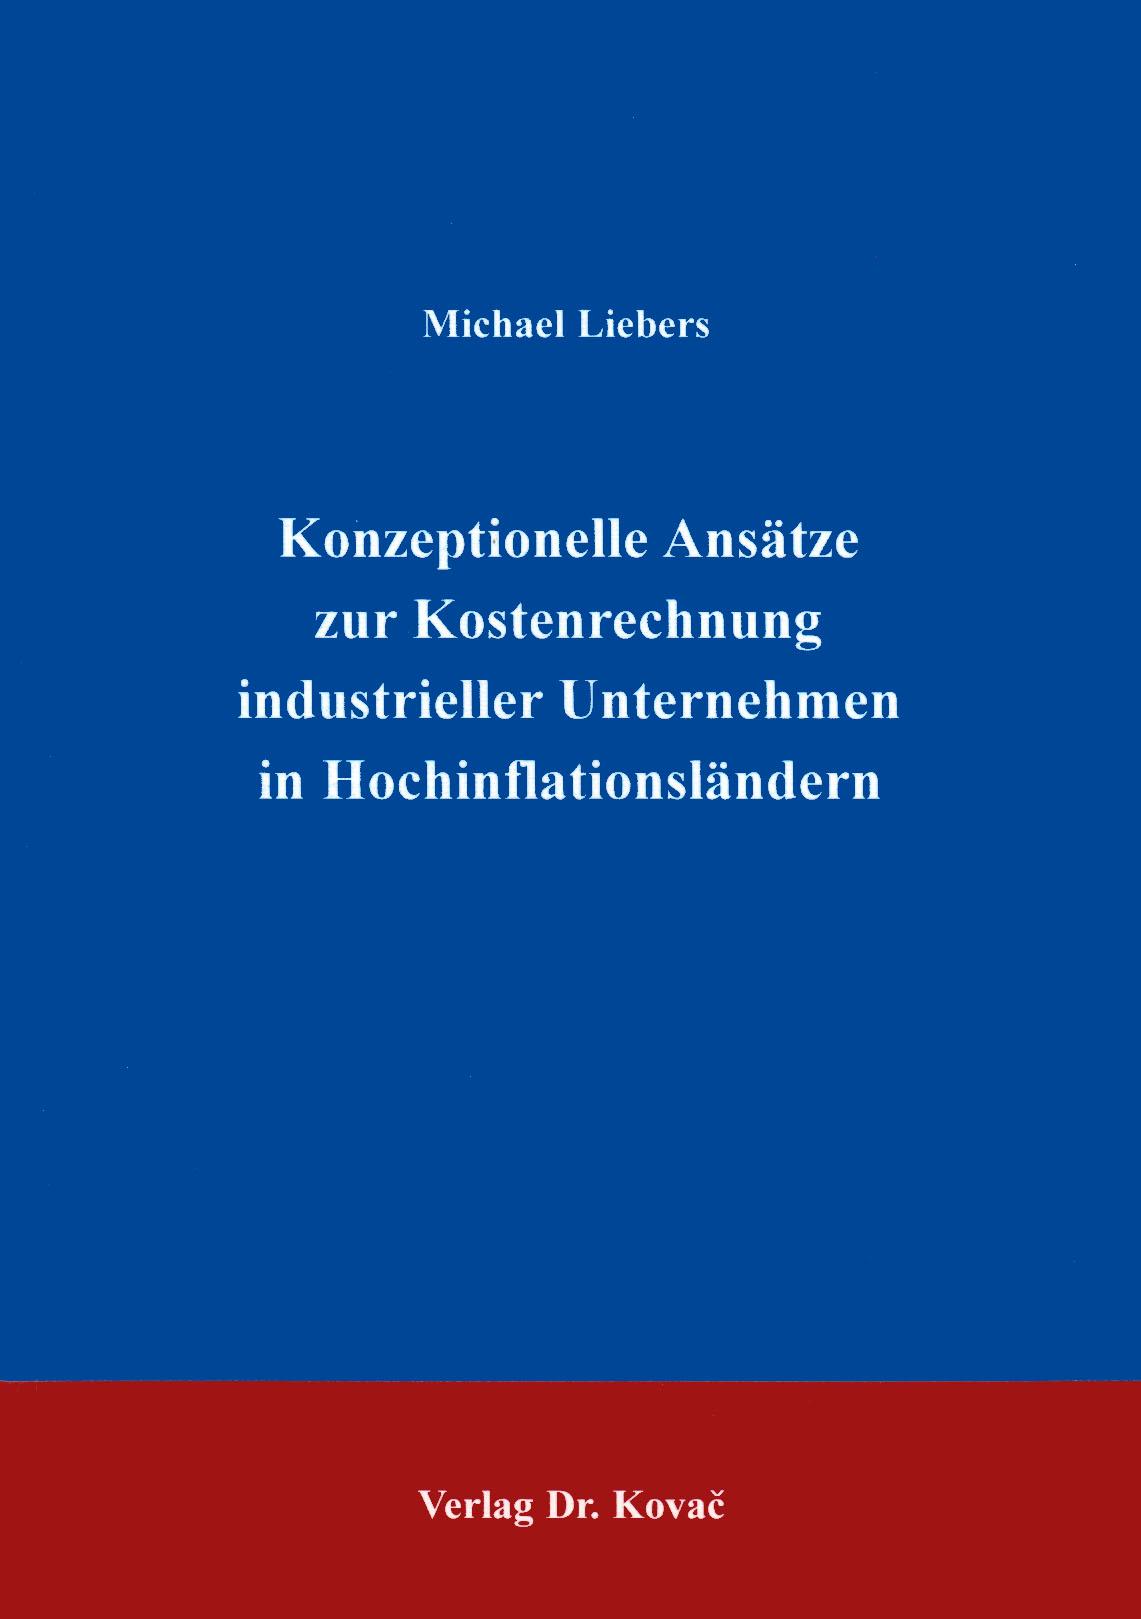 Cover: Konzeptionelle Ansätze zur Kostenrechnung industrieller Unternehmen in Hochinflationsländern